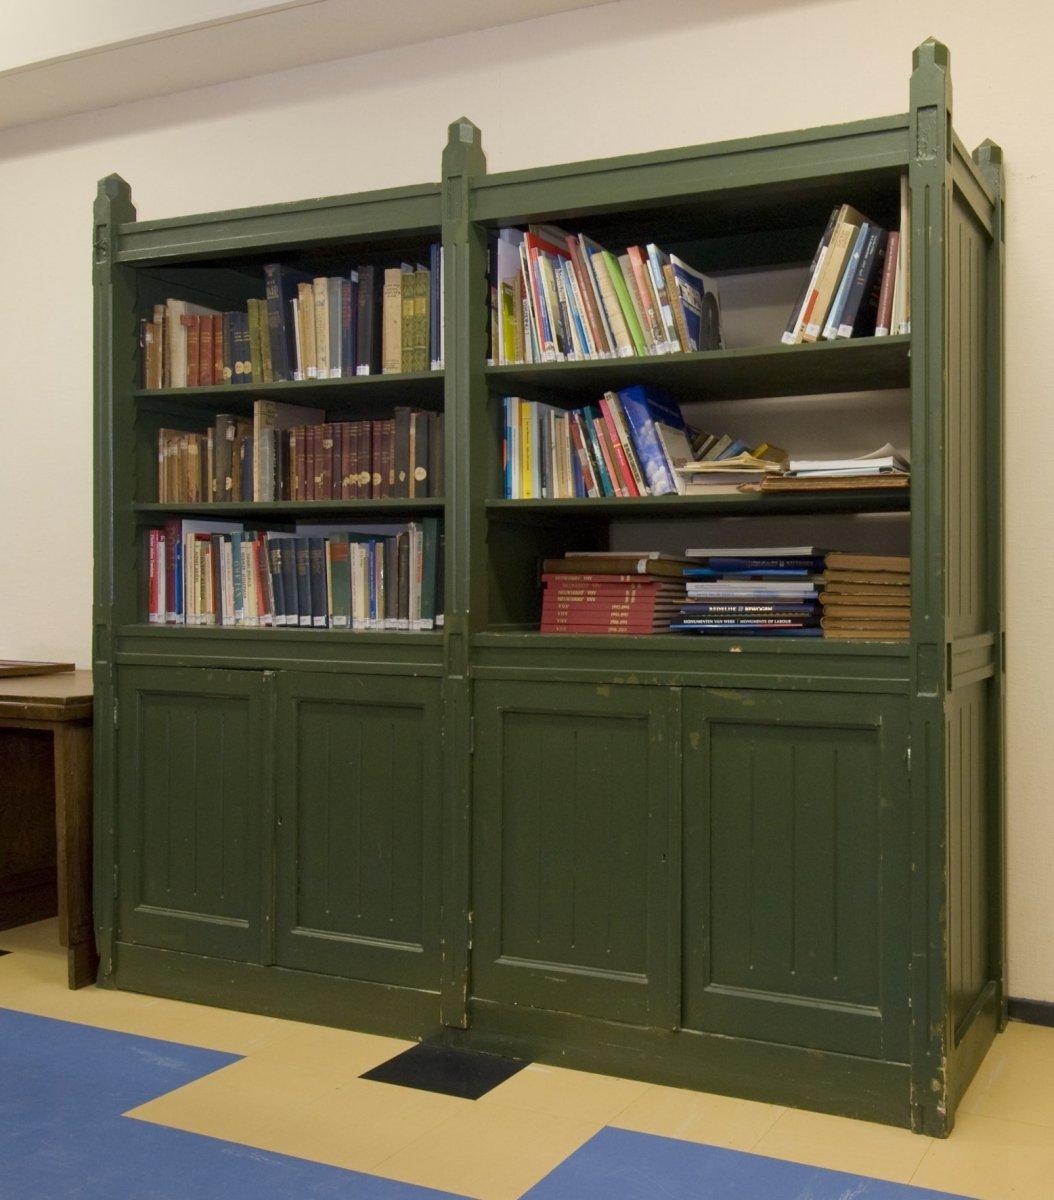 https://upload.wikimedia.org/wikipedia/commons/1/14/Interieur%2C_Bibliotheek%2C_meubilair_van_Berlage-_boekenkast_-_Amsterdam_-_20529155_-_RCE.jpg